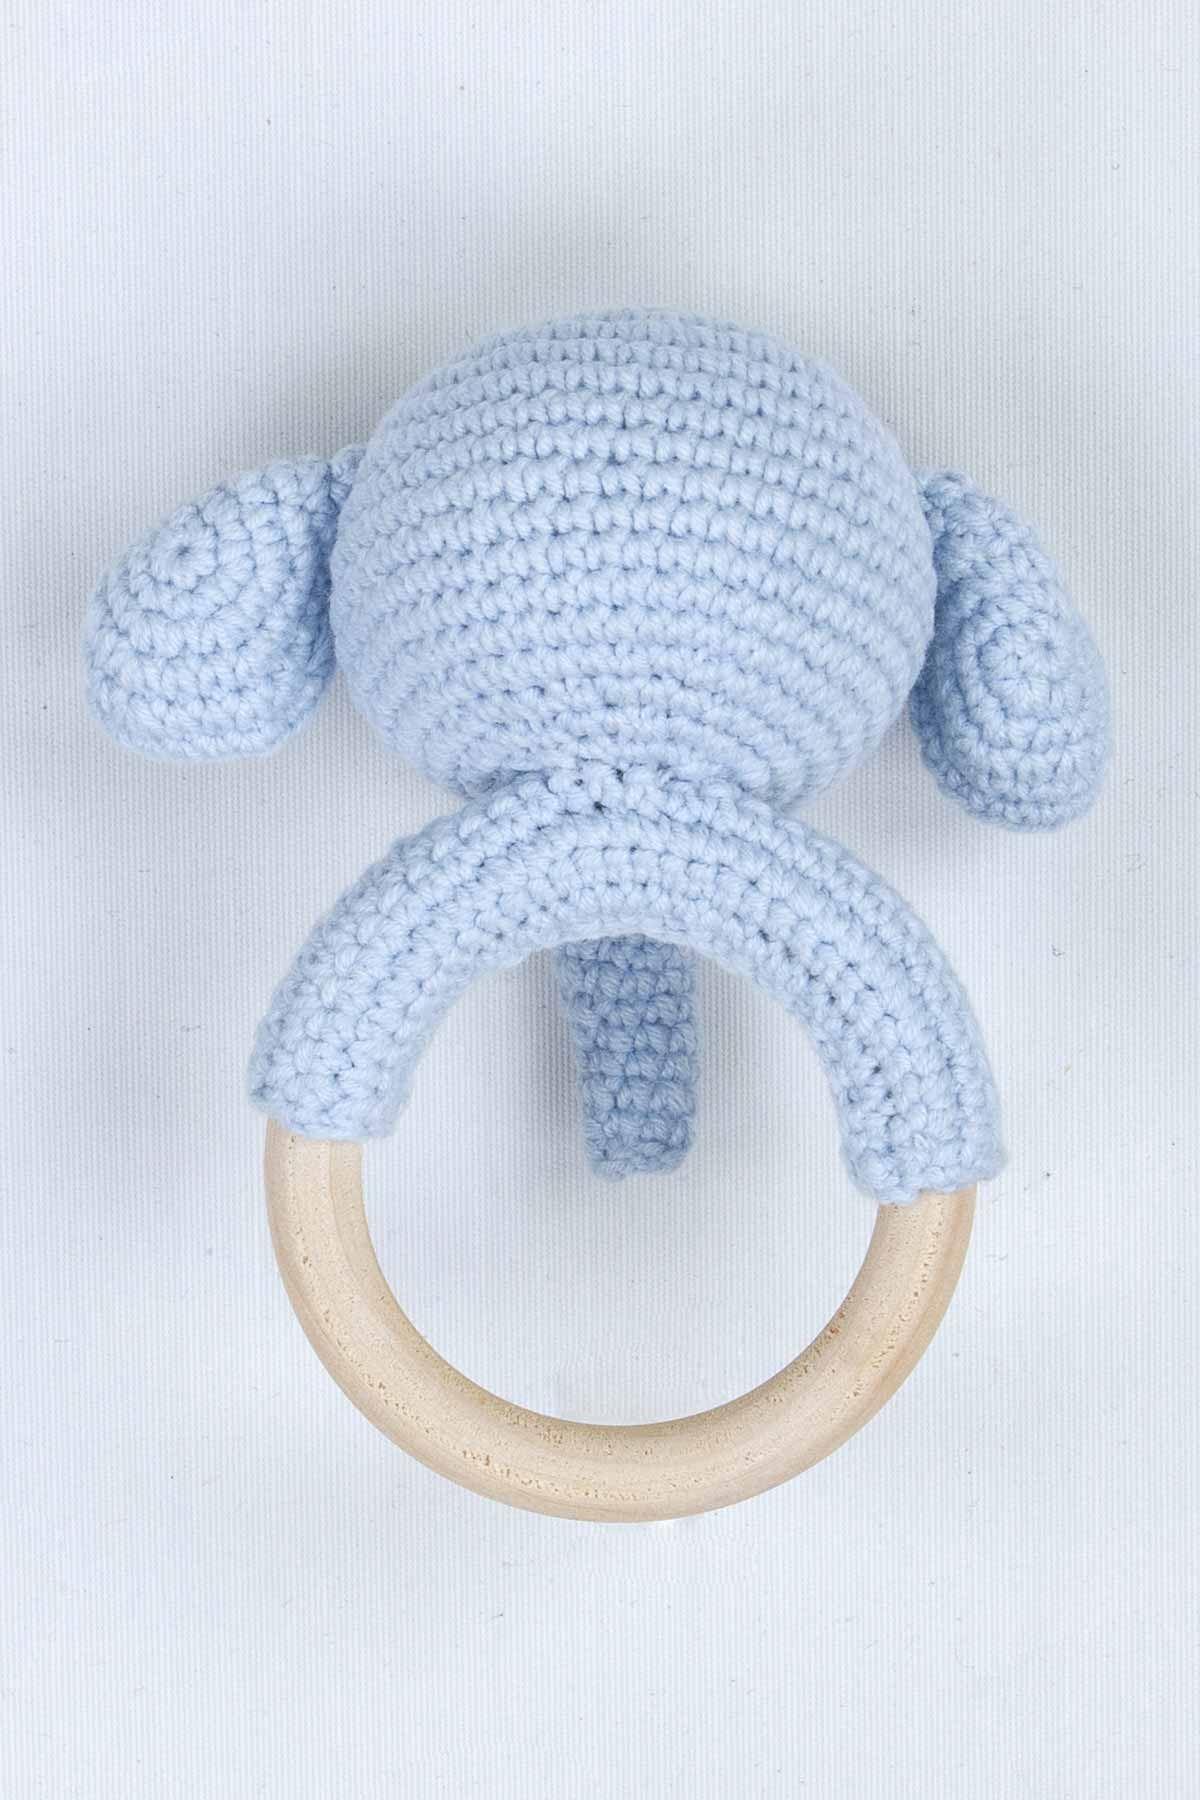 Mavi Organik El Yapımı Amigurumi Fil Çıngırak Oyuncak